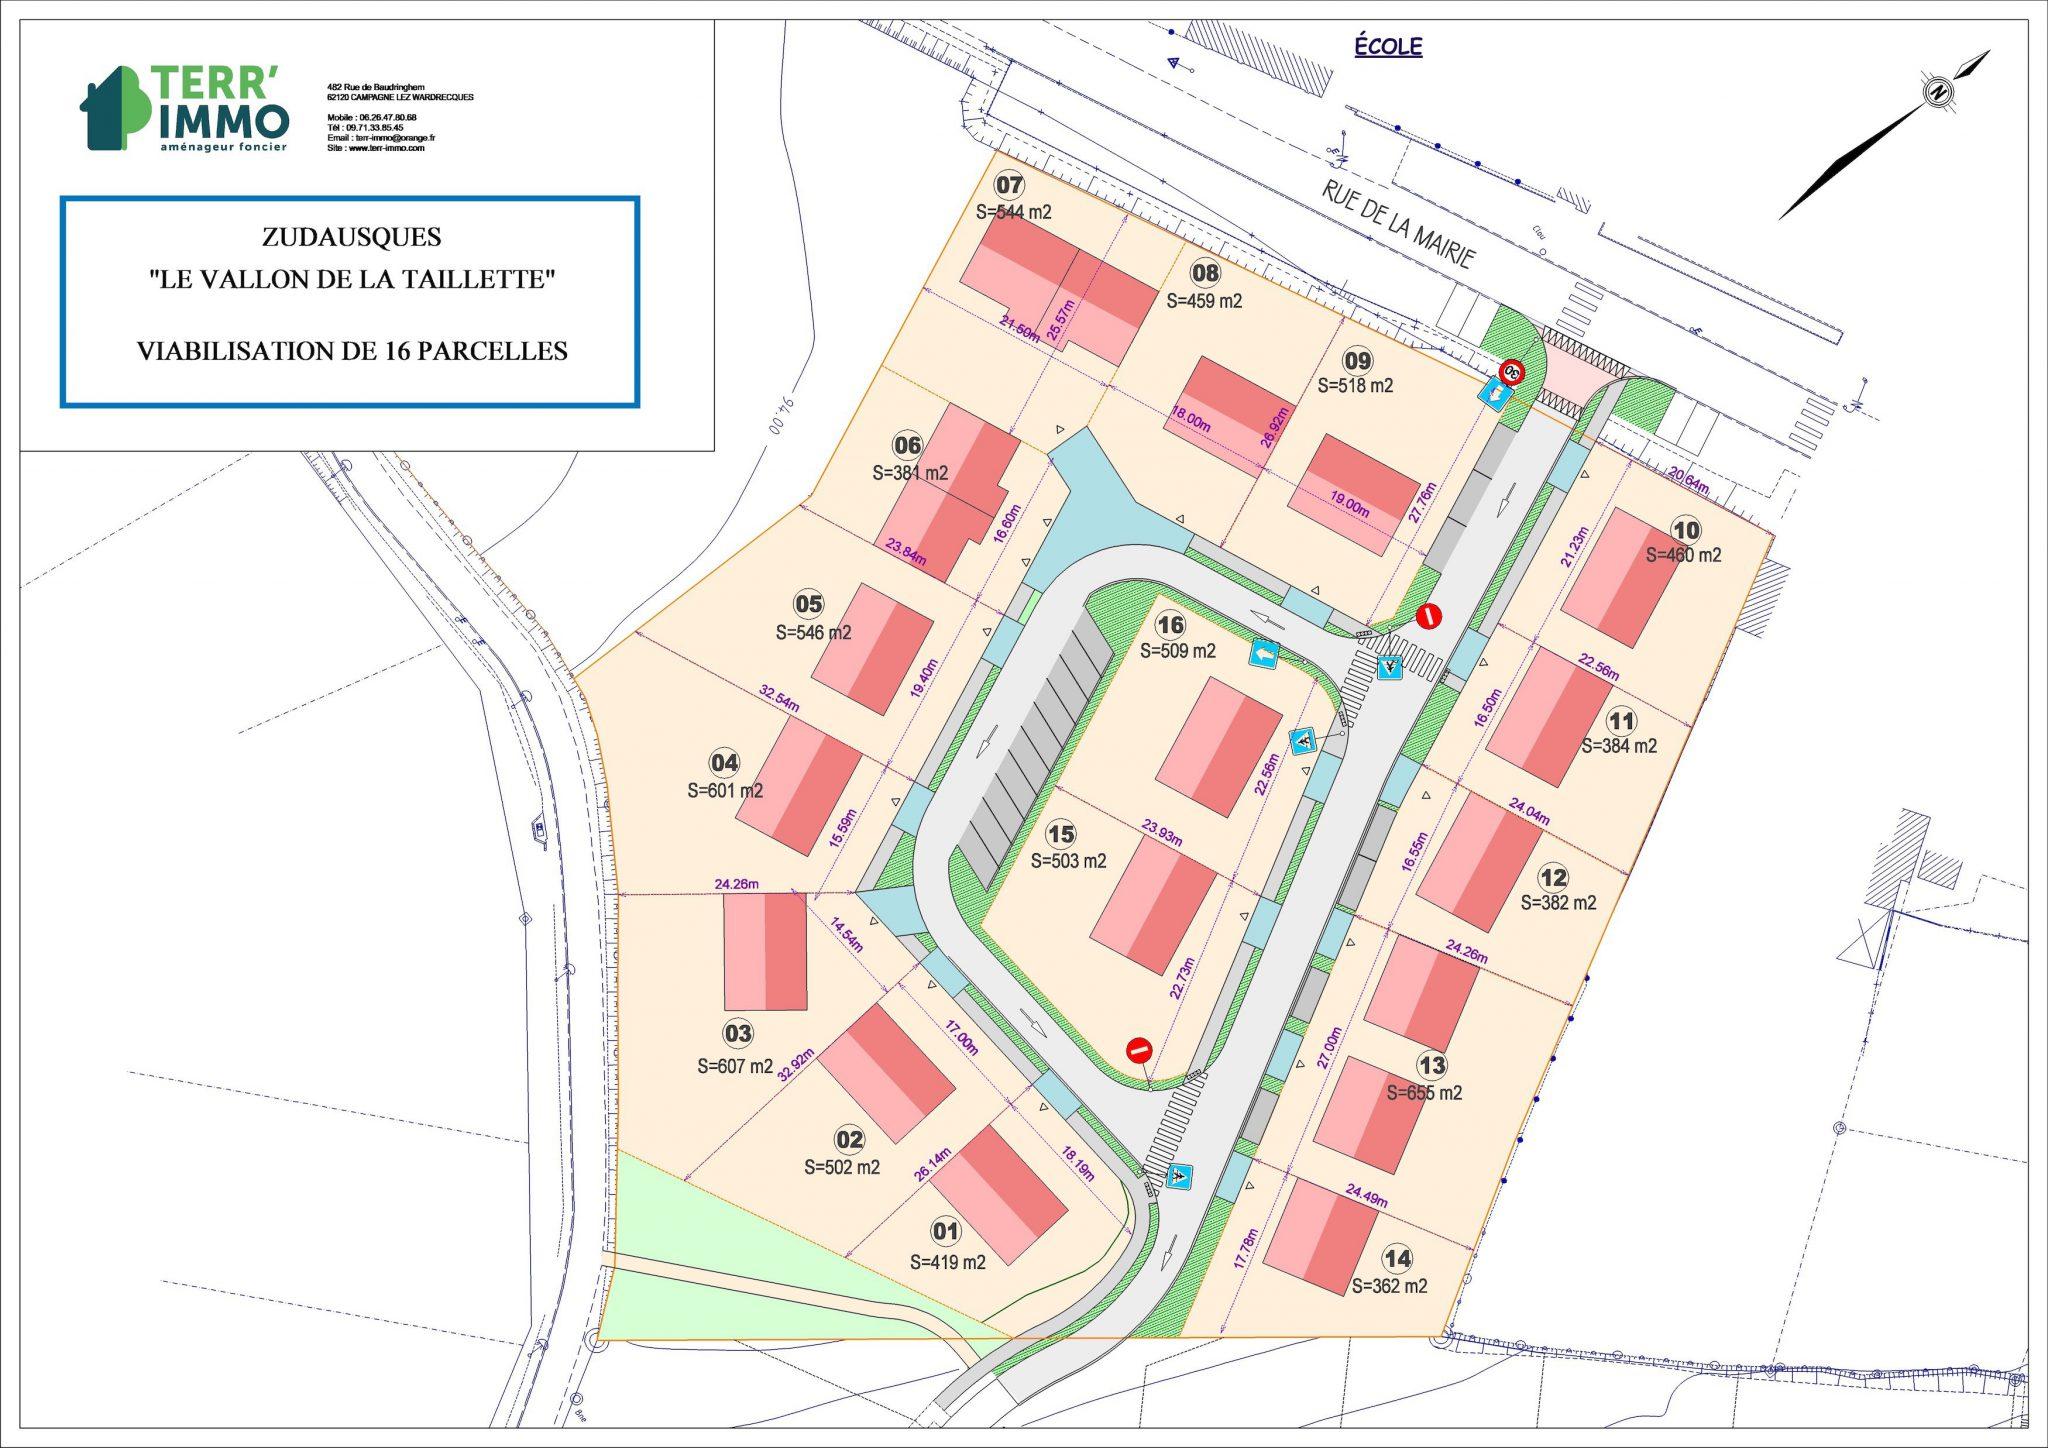 plan des parcelles ZUDAUSQUES , Centre 2